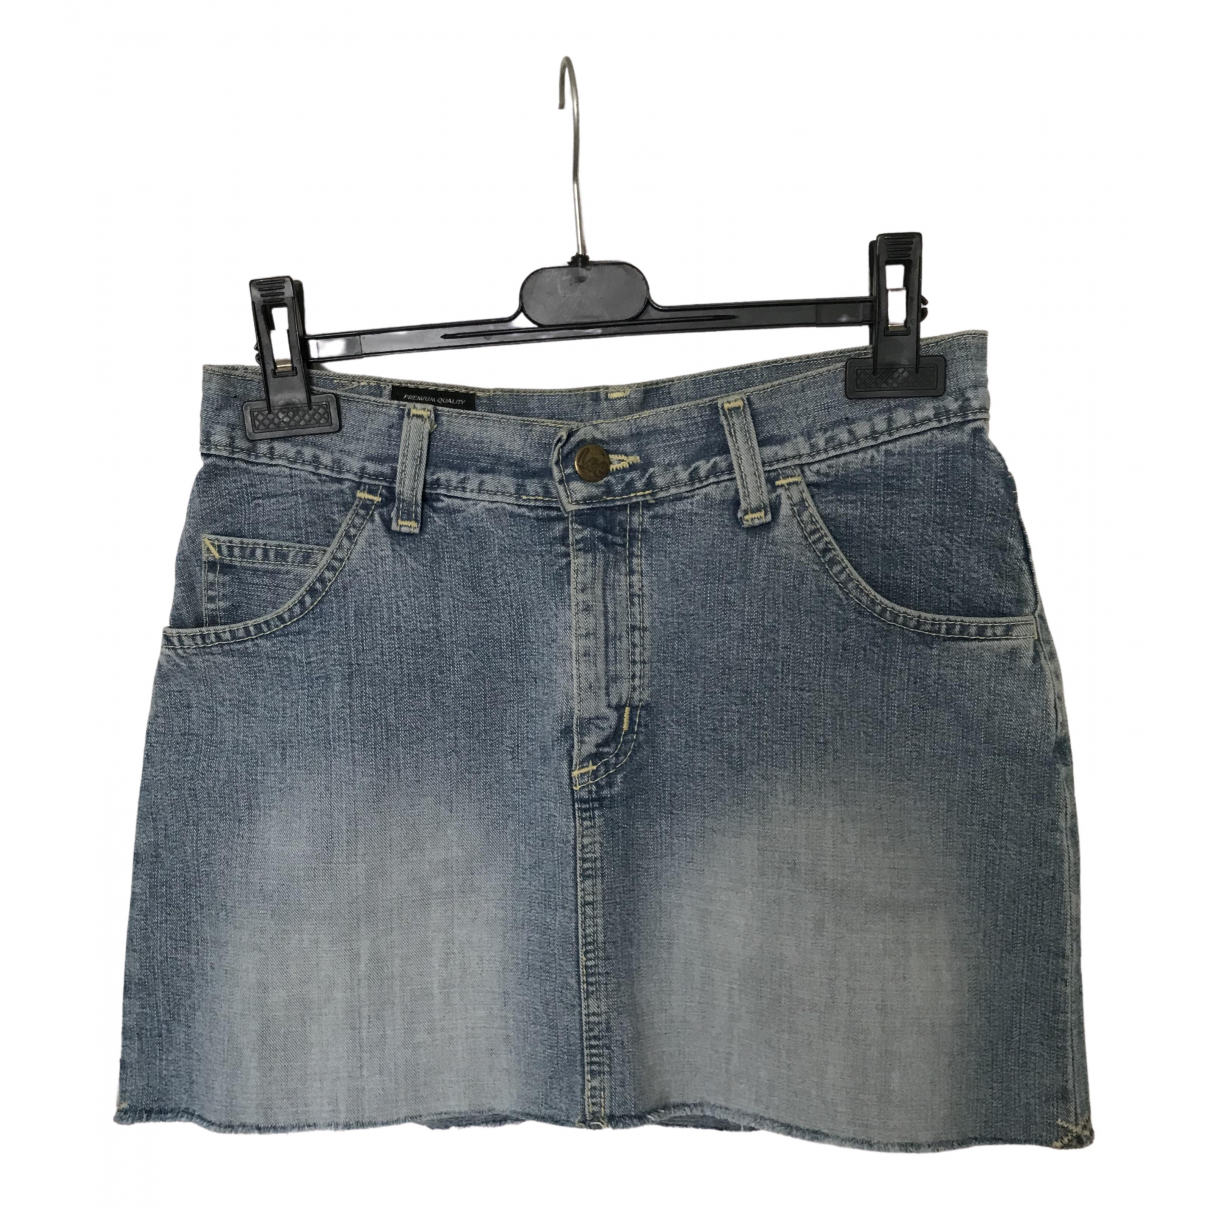 Lee \N Blue Denim - Jeans skirt for Women S International